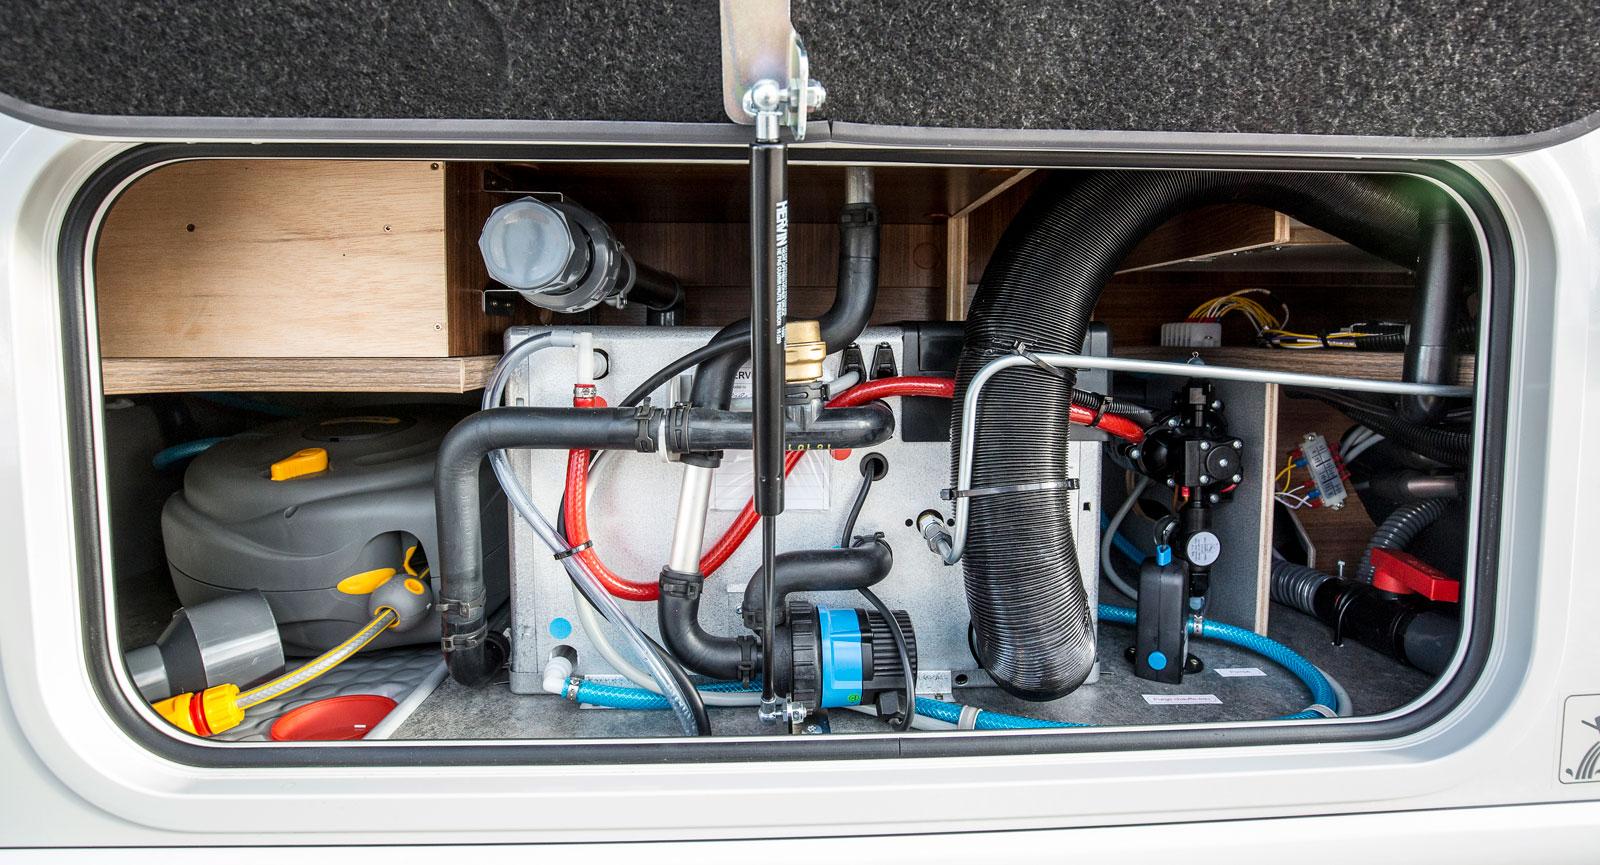 Även vatten och värmepanna har ett  eget utrymme i bilen.